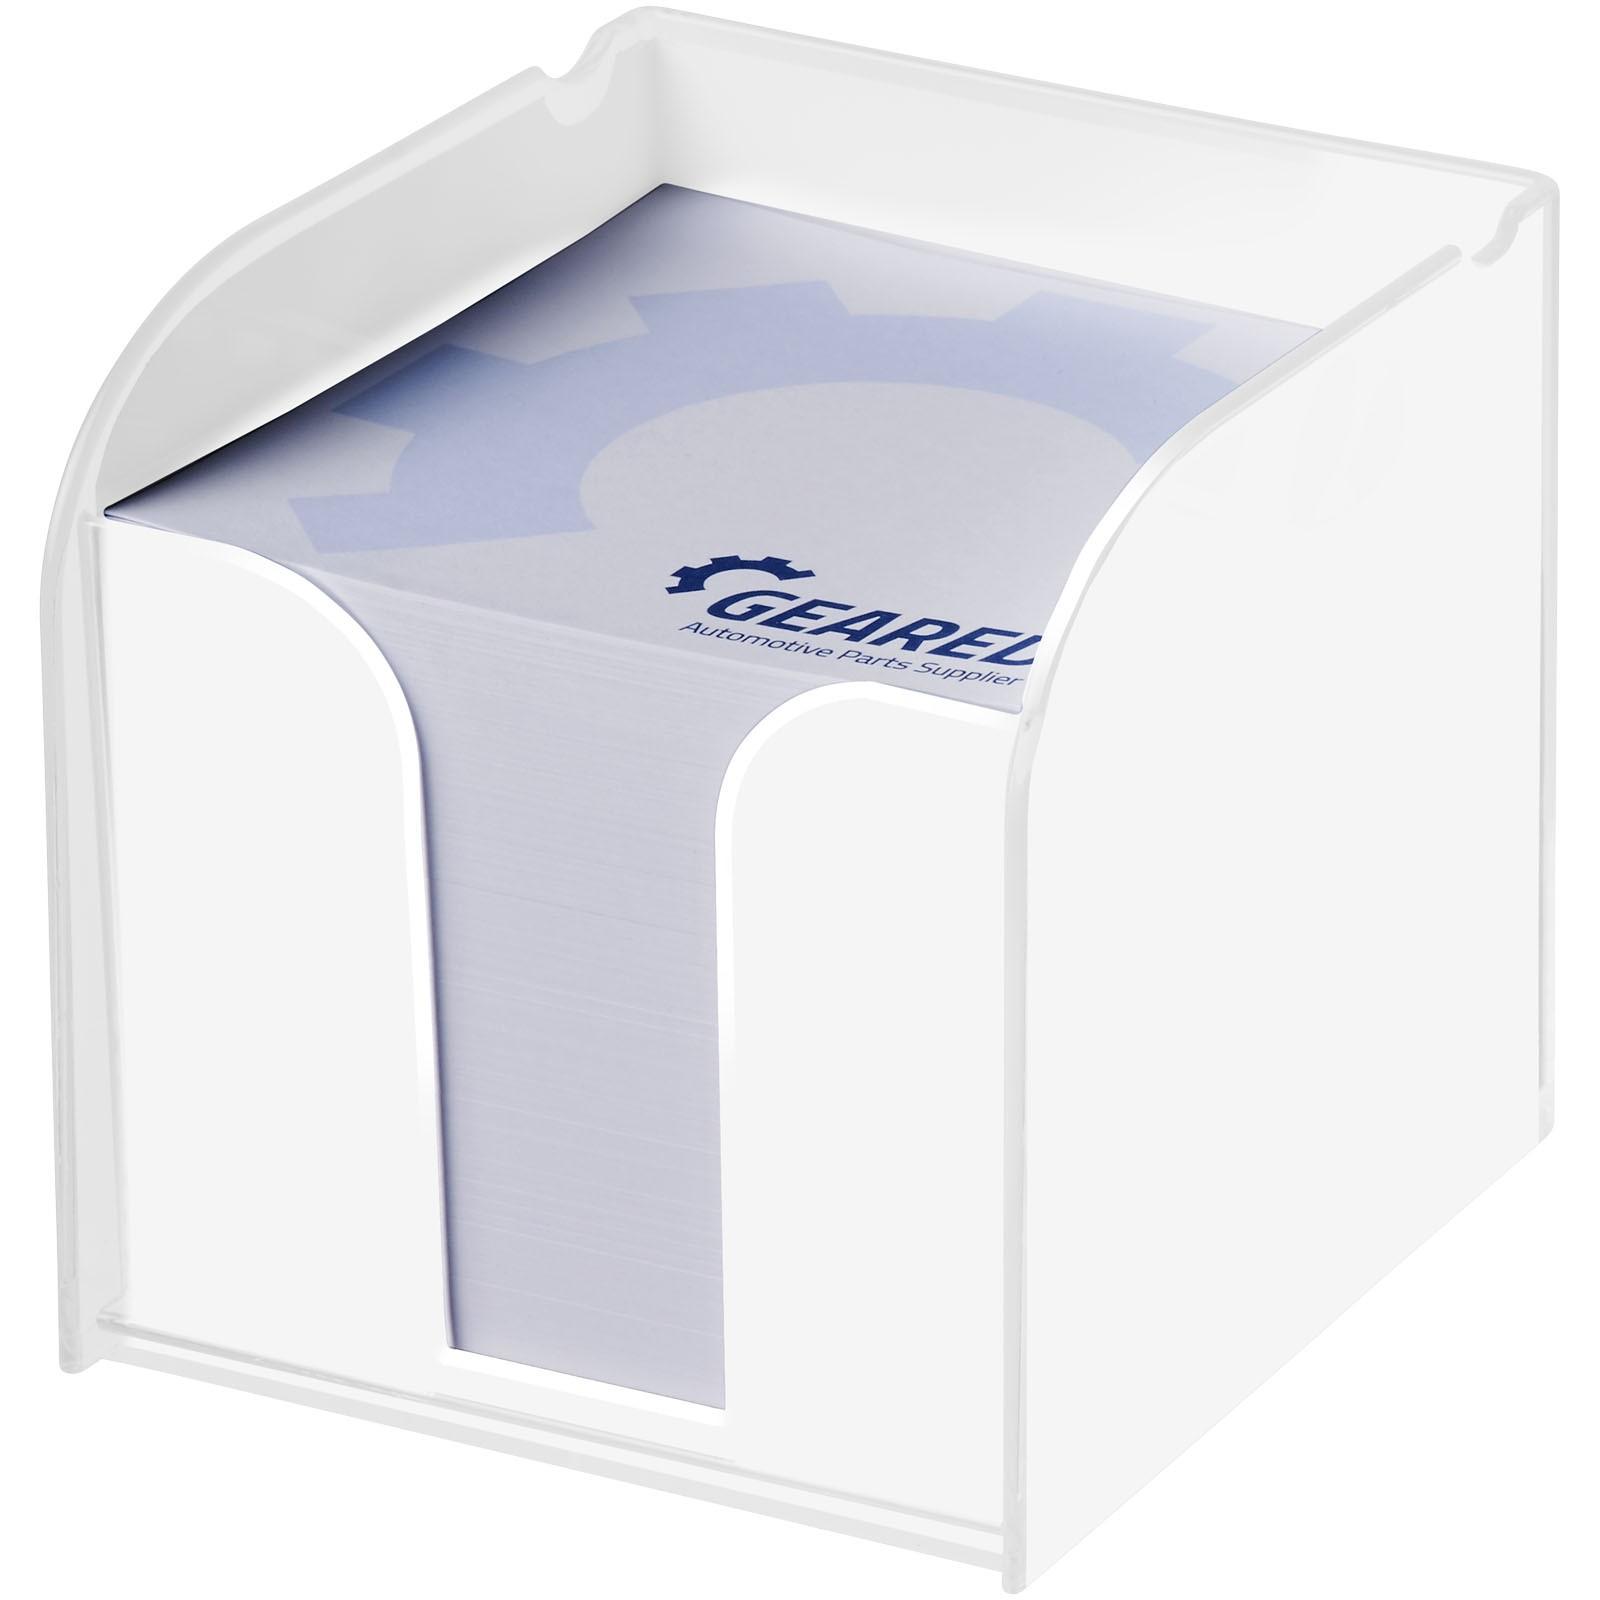 Vessel memo block with memo paper - White